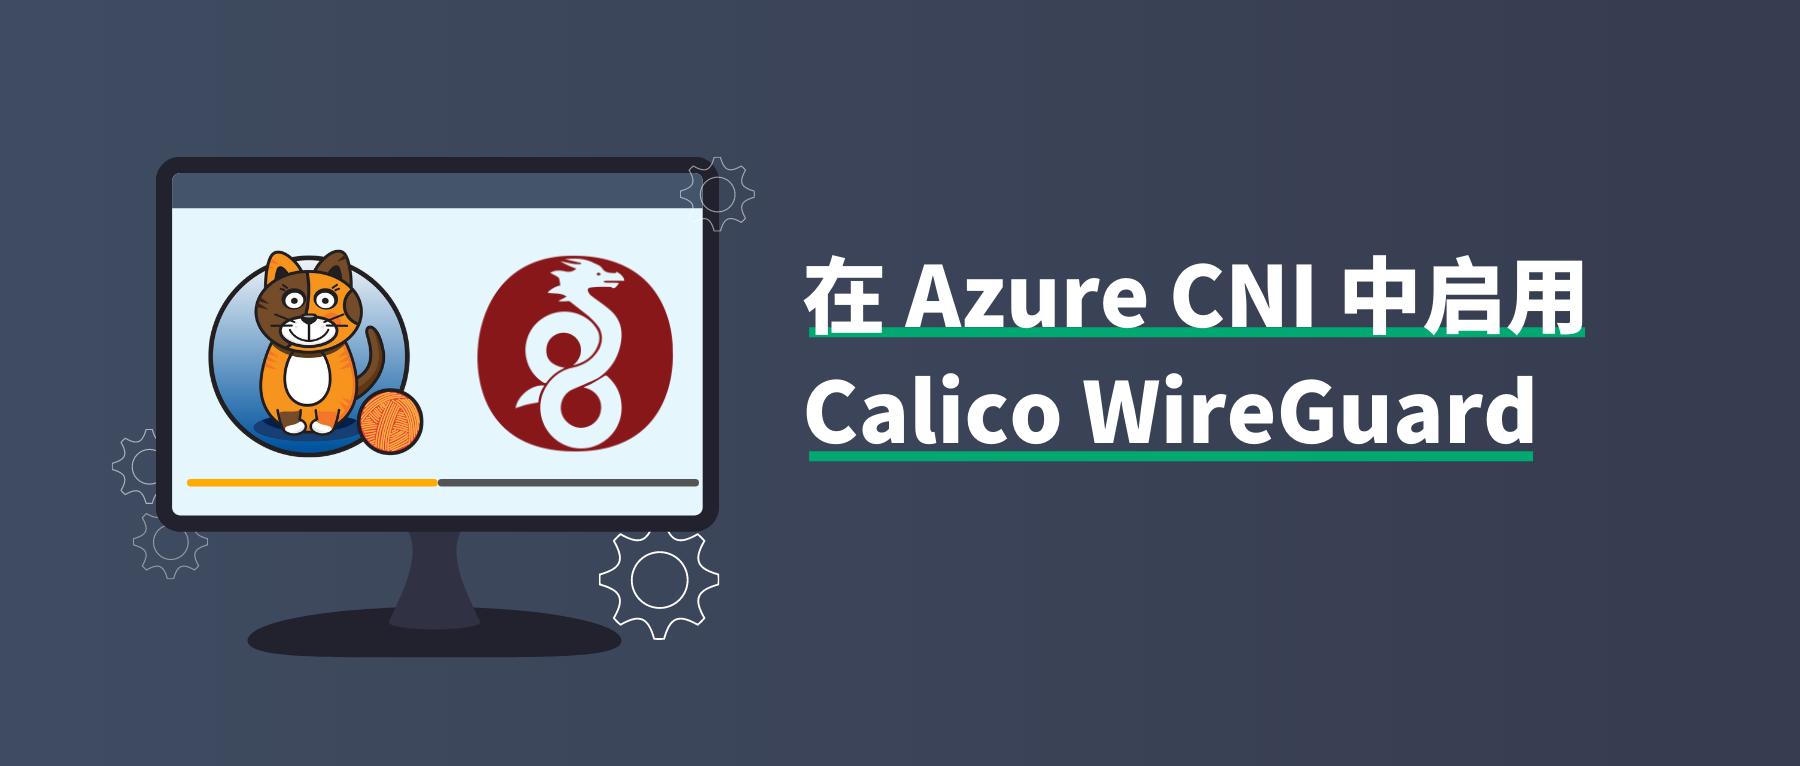 在 Azure CNI 中启用 Calico WireGuard